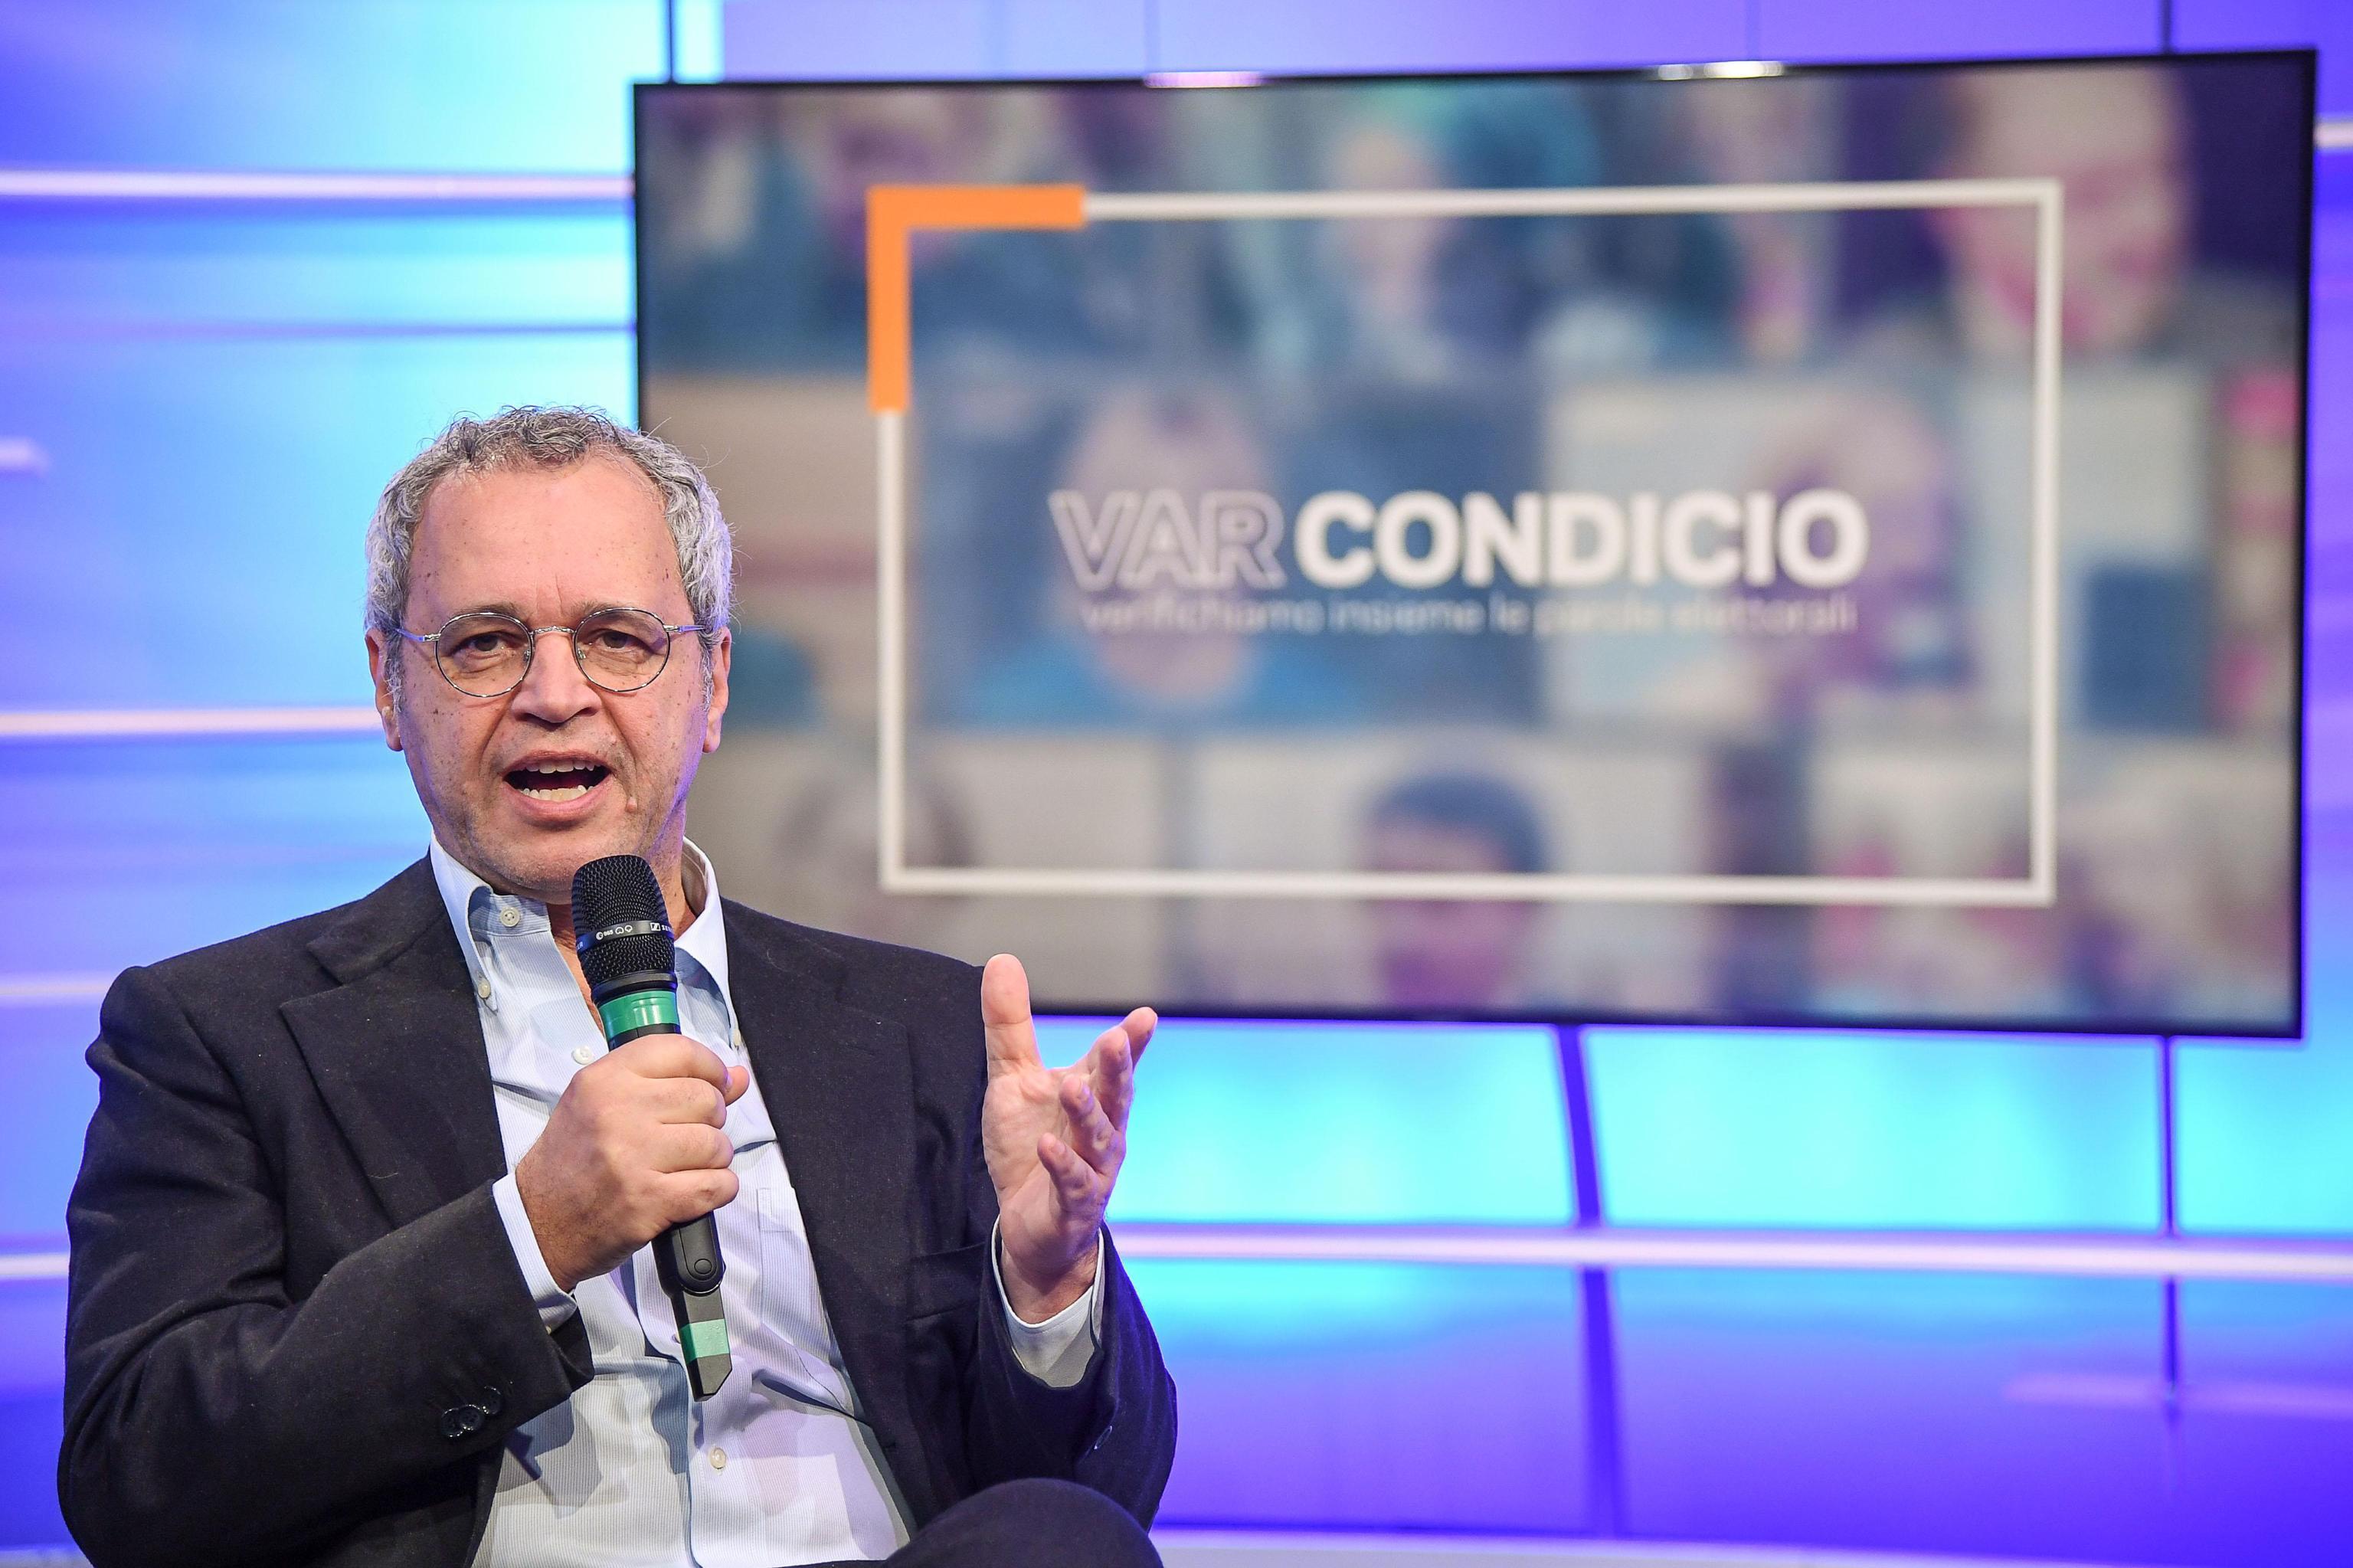 Enrico Mentana: 'Nonno a mia insaputa! Magari fosse vero…'